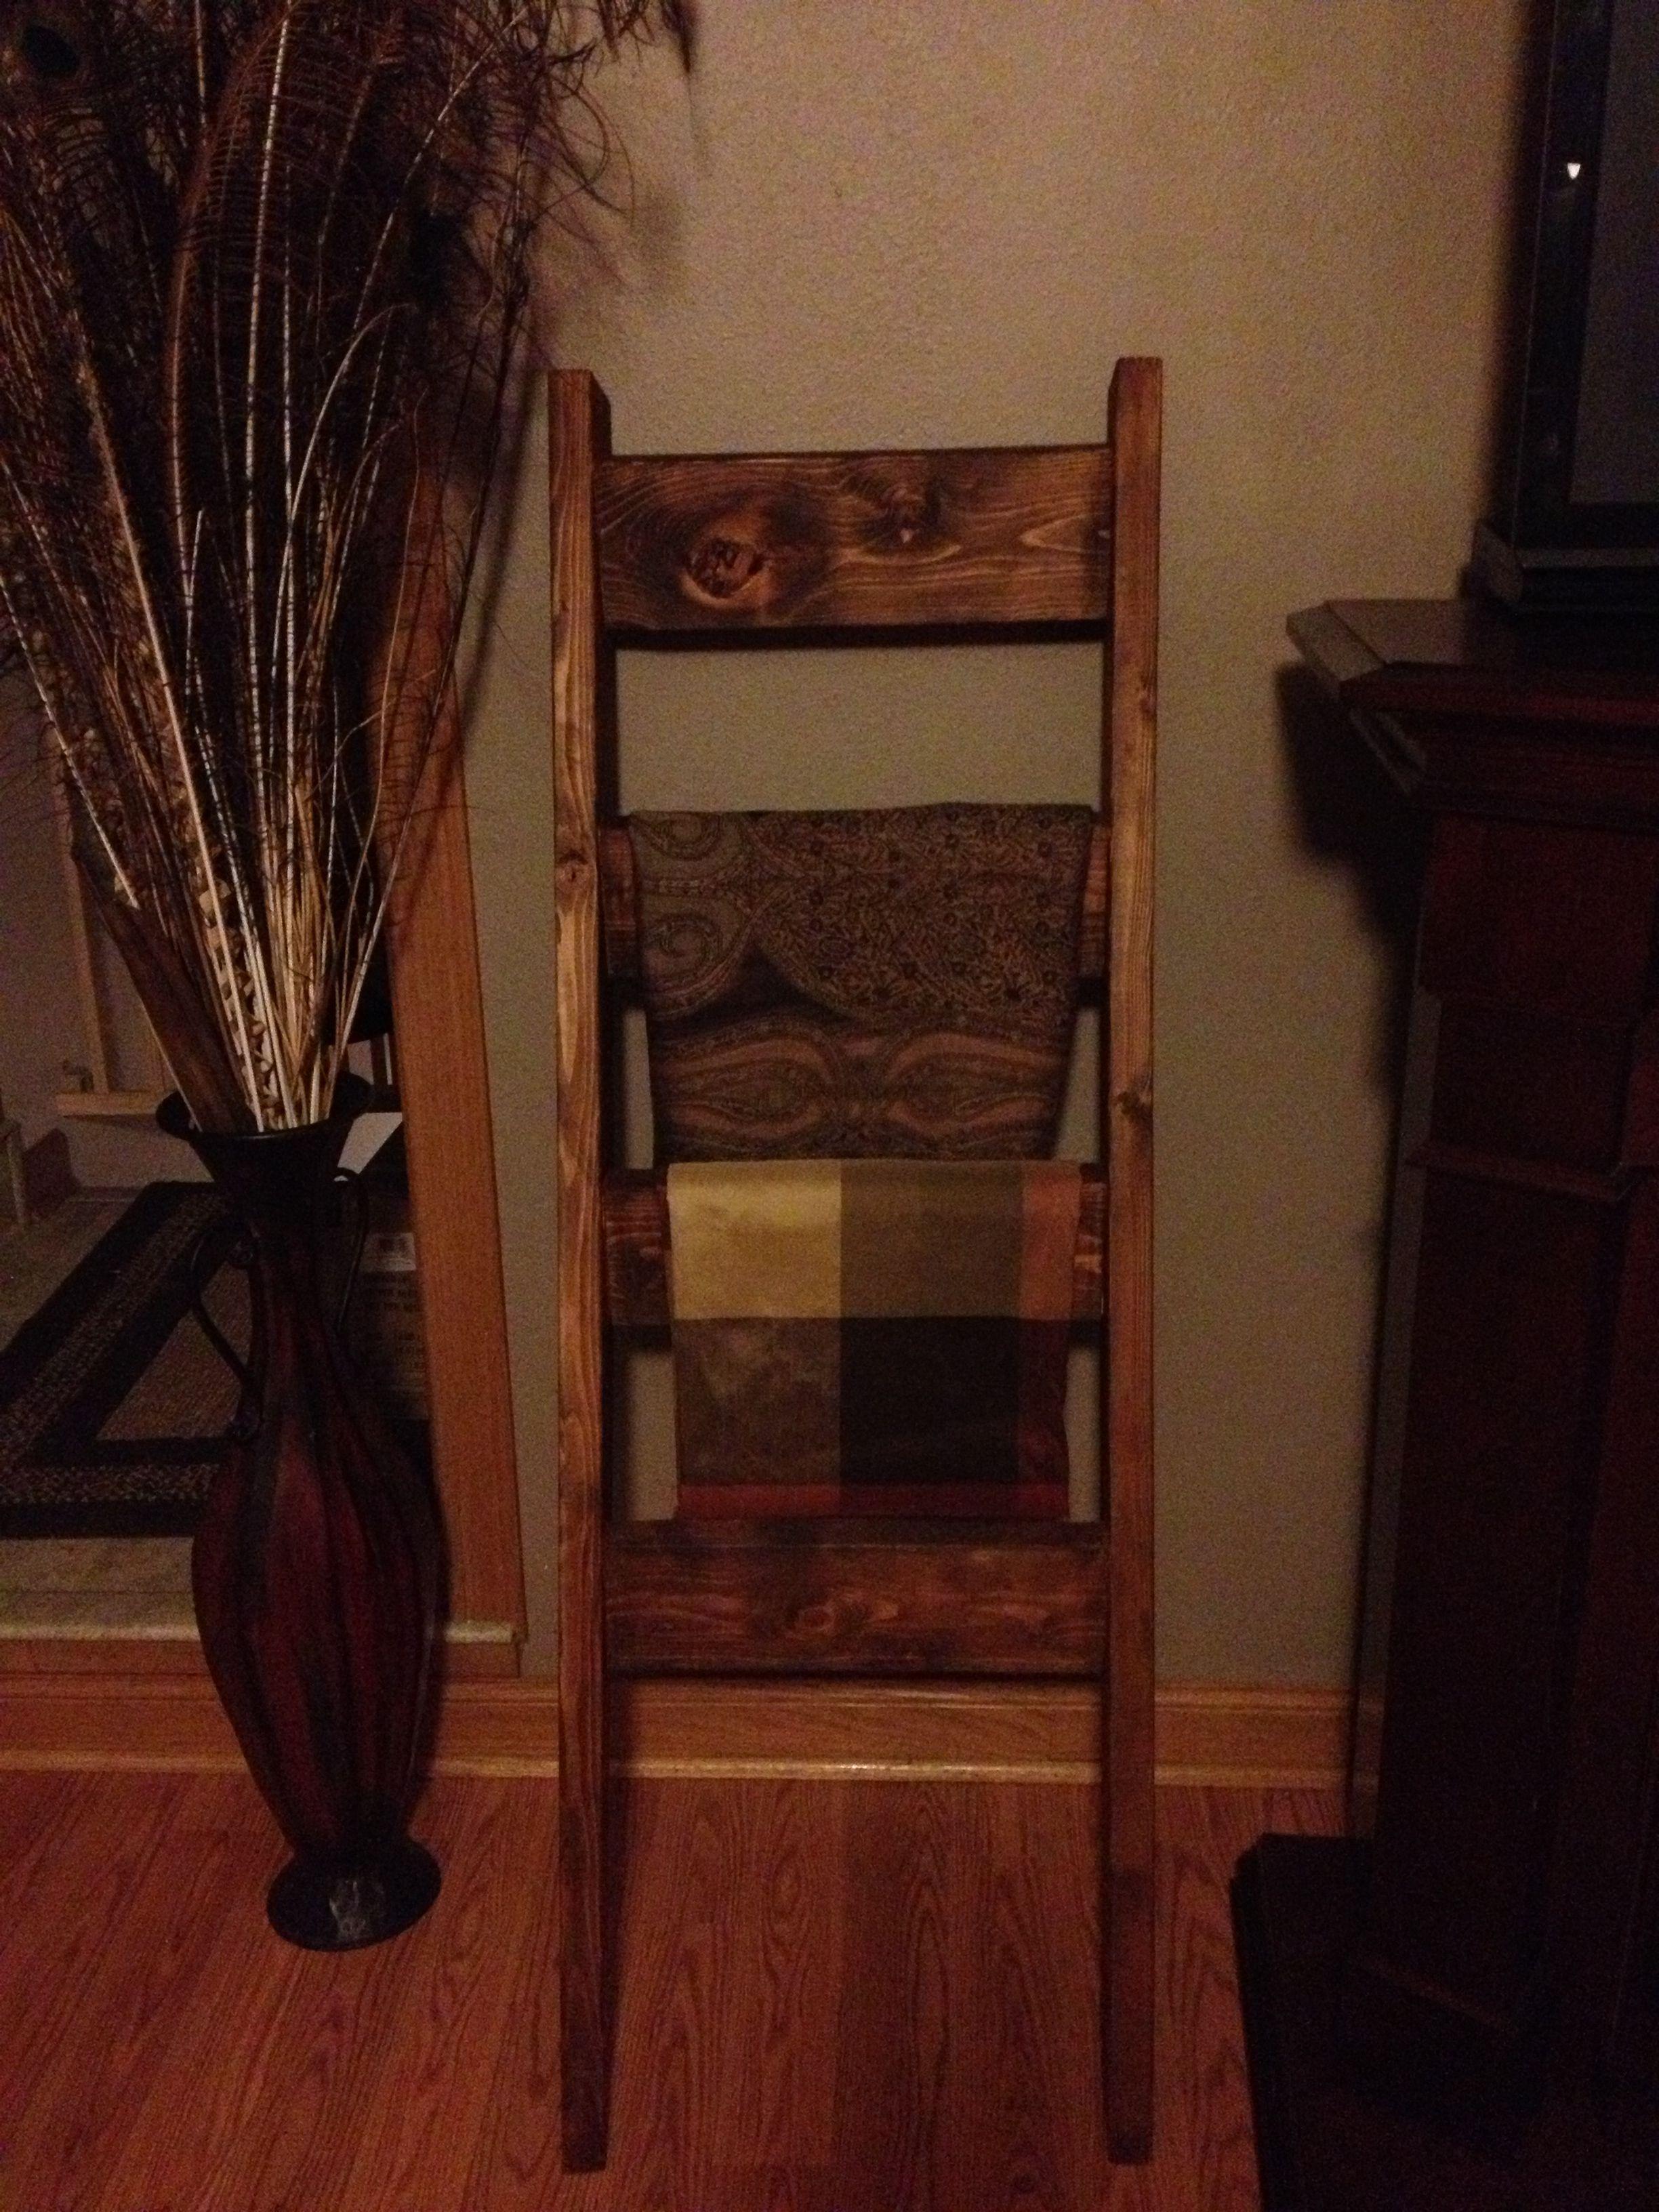 DIY scrap 2x4 blanket ladder! So easy and functional! www